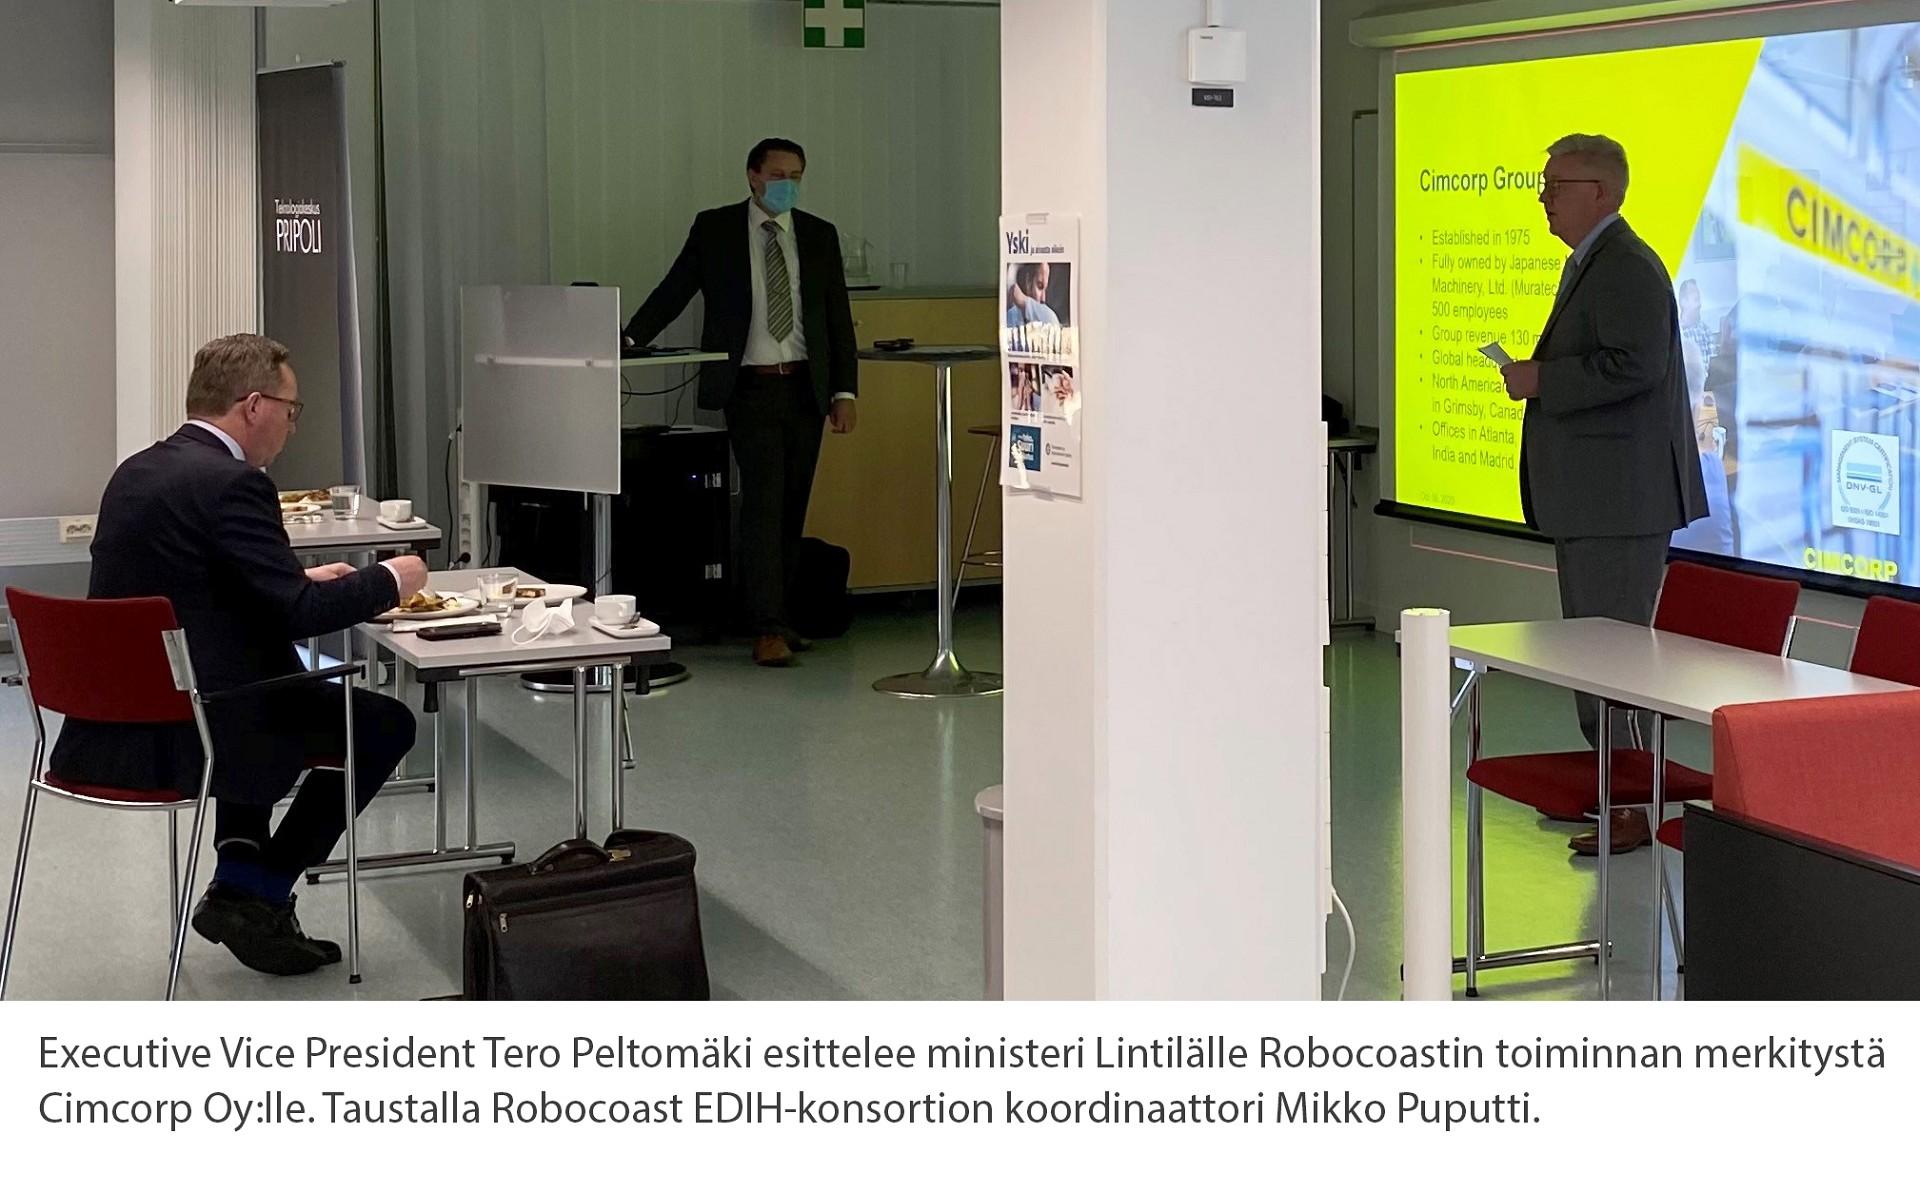 Executive Vice President Tero Peltomäki esittelee ministeri Lintilälle Robocoastin toiminnan merkitystä  Cimcorp Oy:lle. Taustalla Robocoast EDIH-konsortion koordinaattori Mikko Puputti.